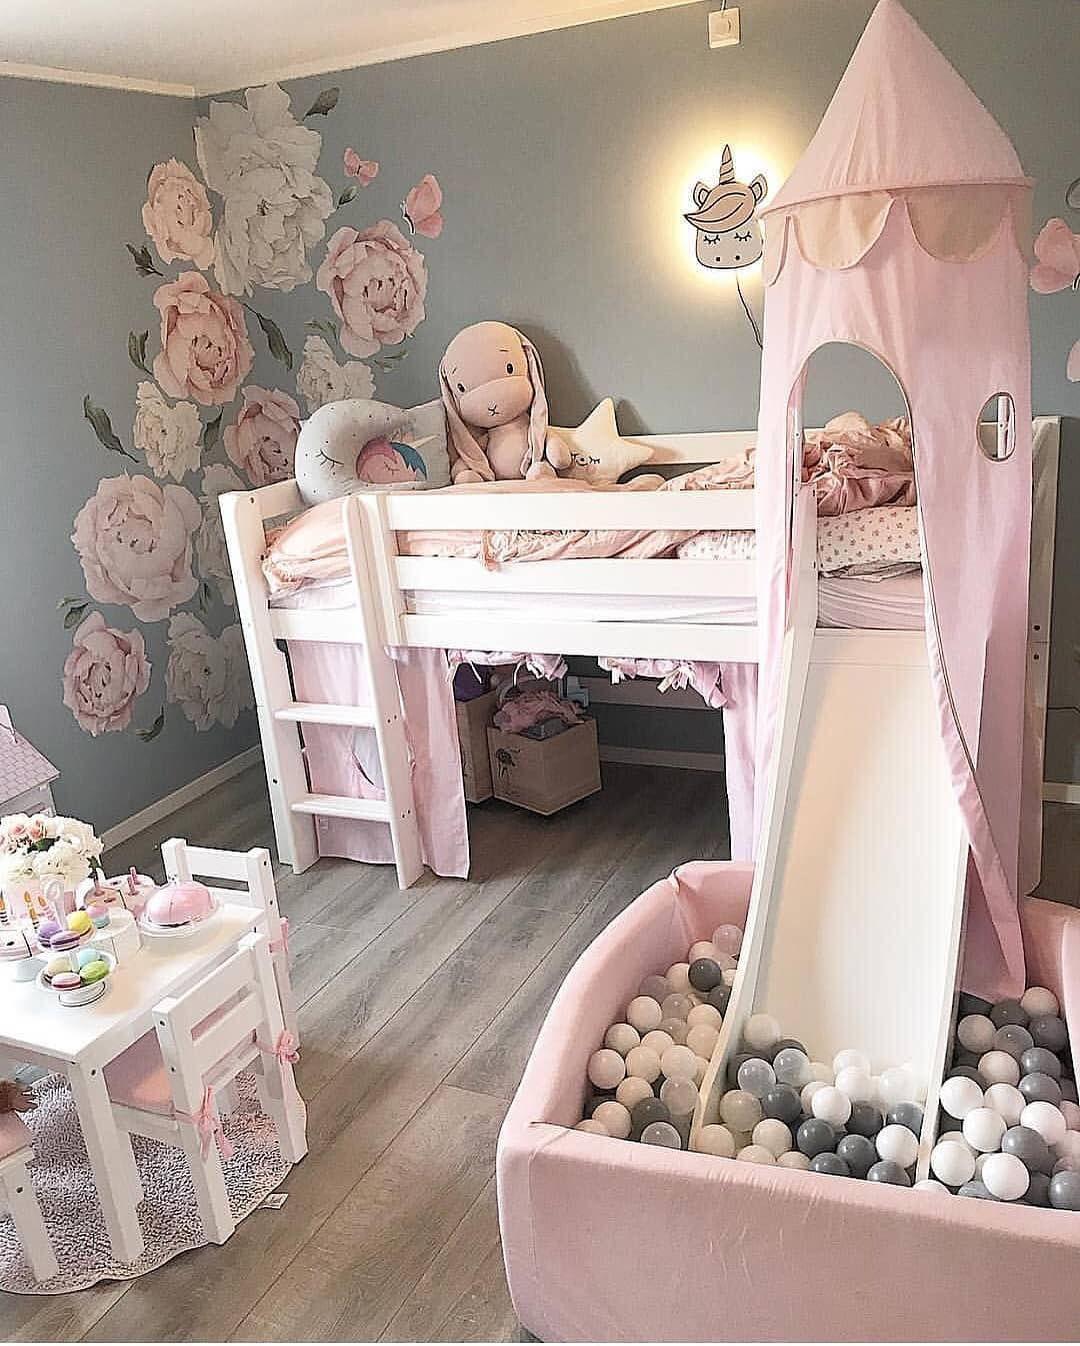 Kids Room Ideas Toddler Girl Room Toddler Rooms Baby Girl Bedroom Toddler girls bedroom ideas